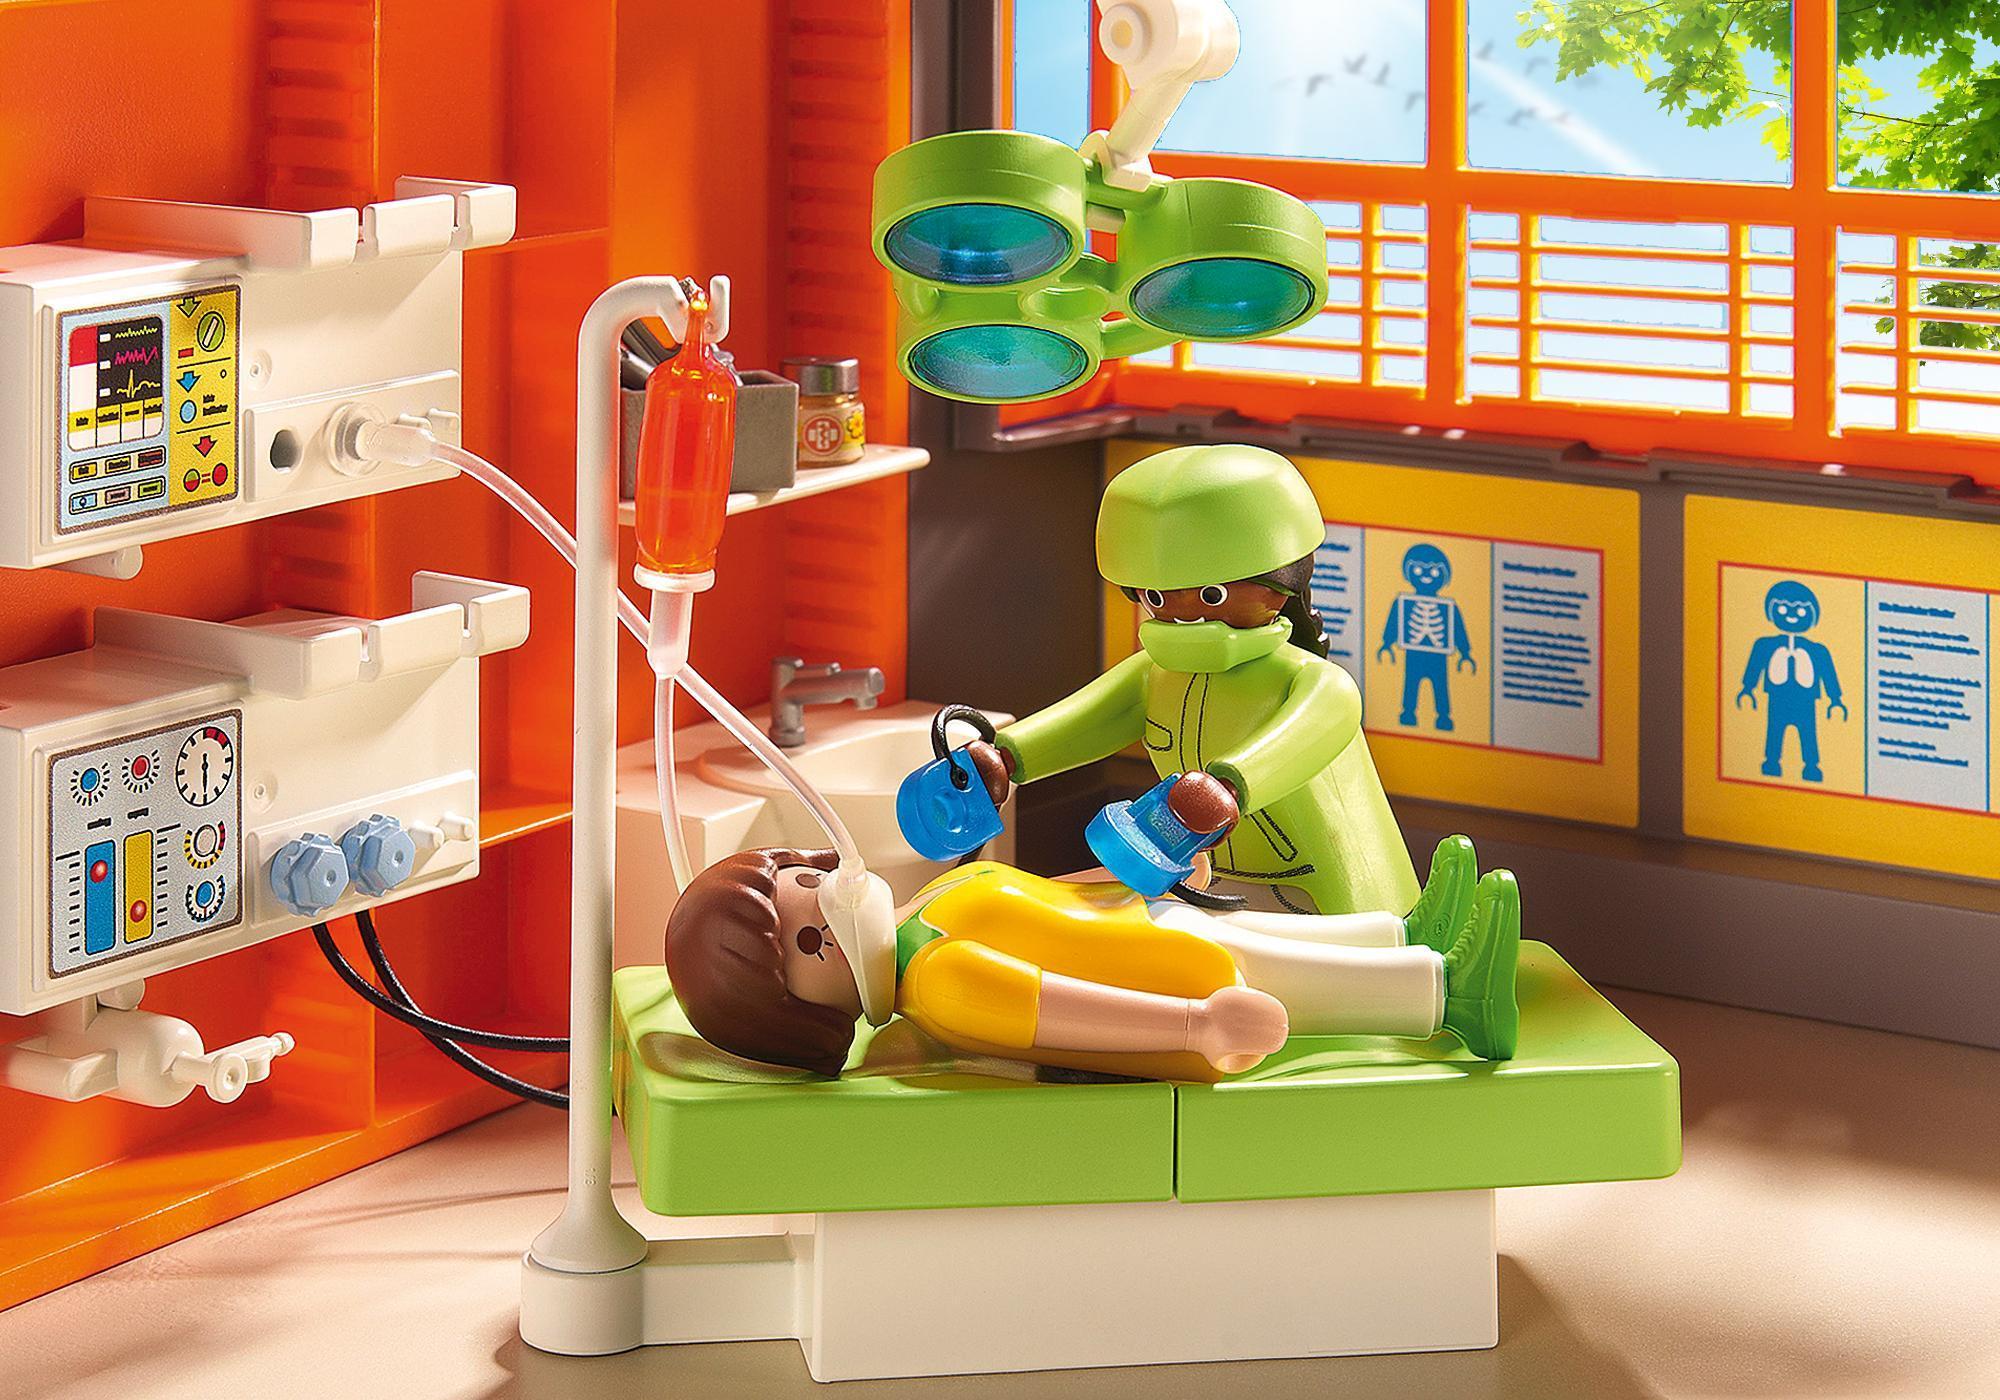 Kinderklinik Mit Einrichtung 6657 Playmobil Deutschland